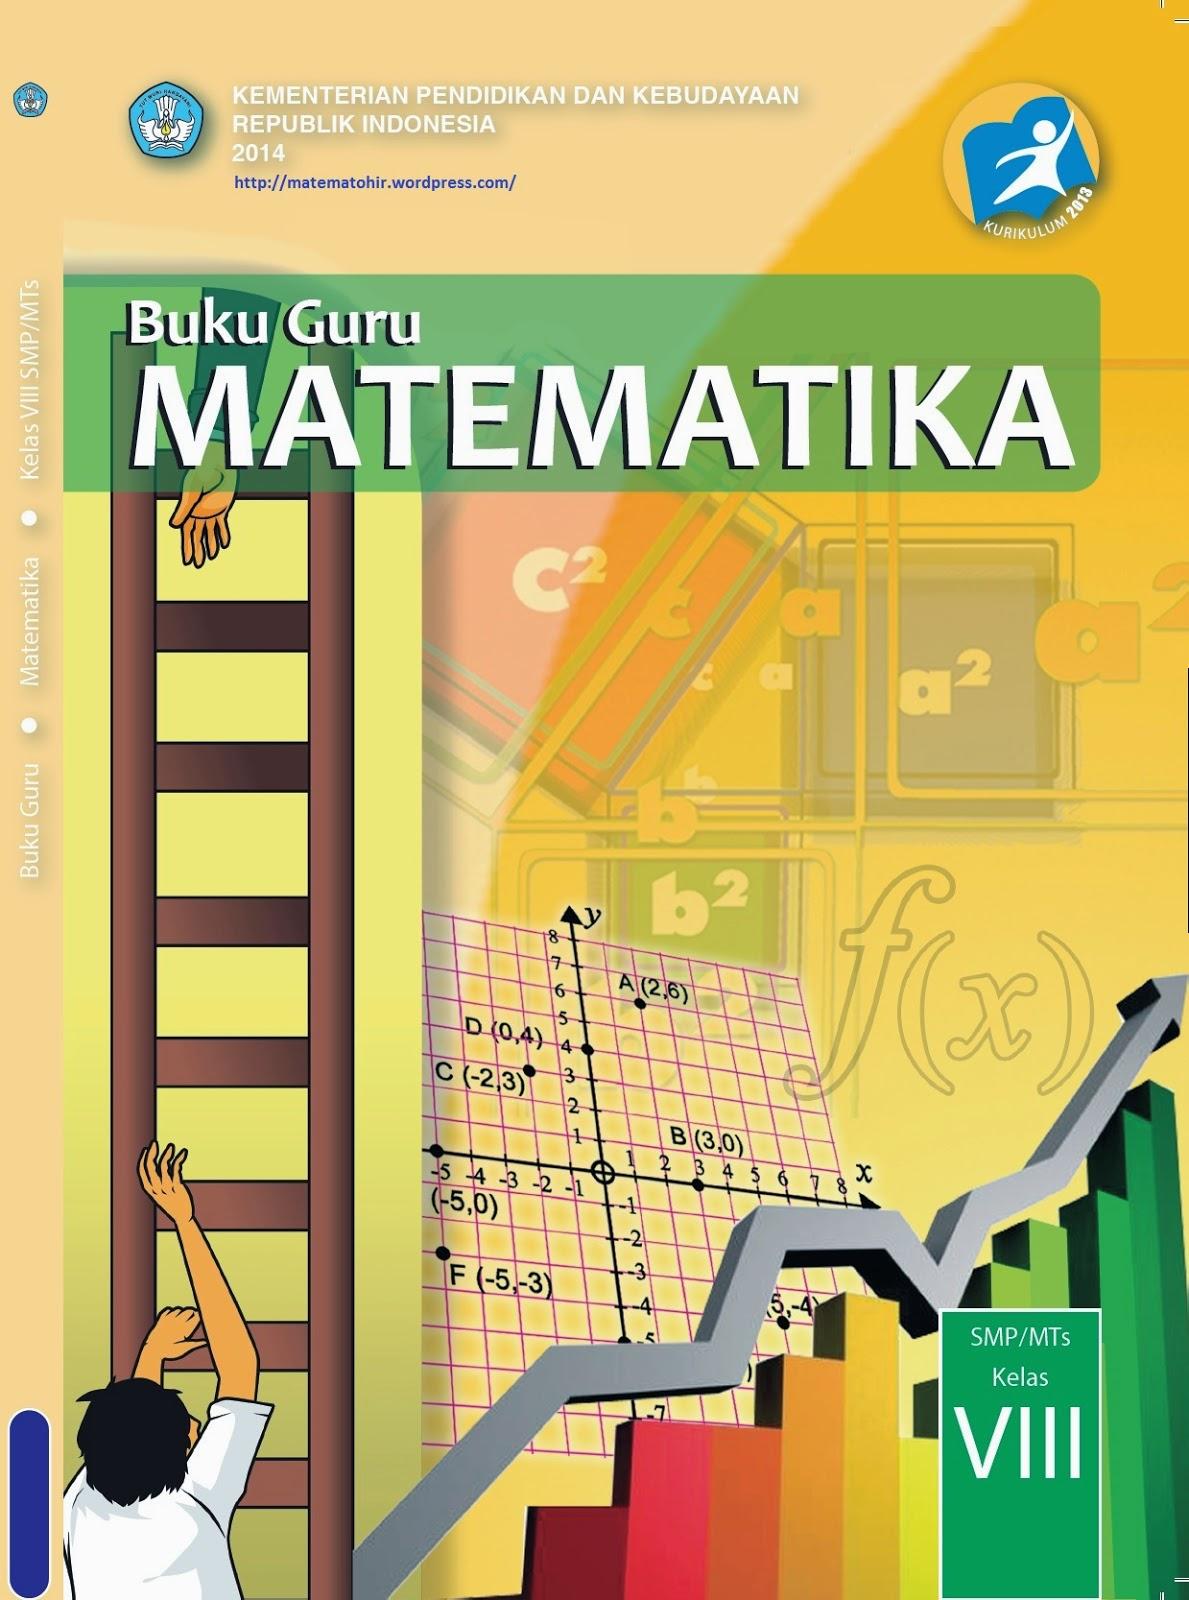 Buku Bahasa Inggris Kelas 8 Kurikulum 2013 - Download ...